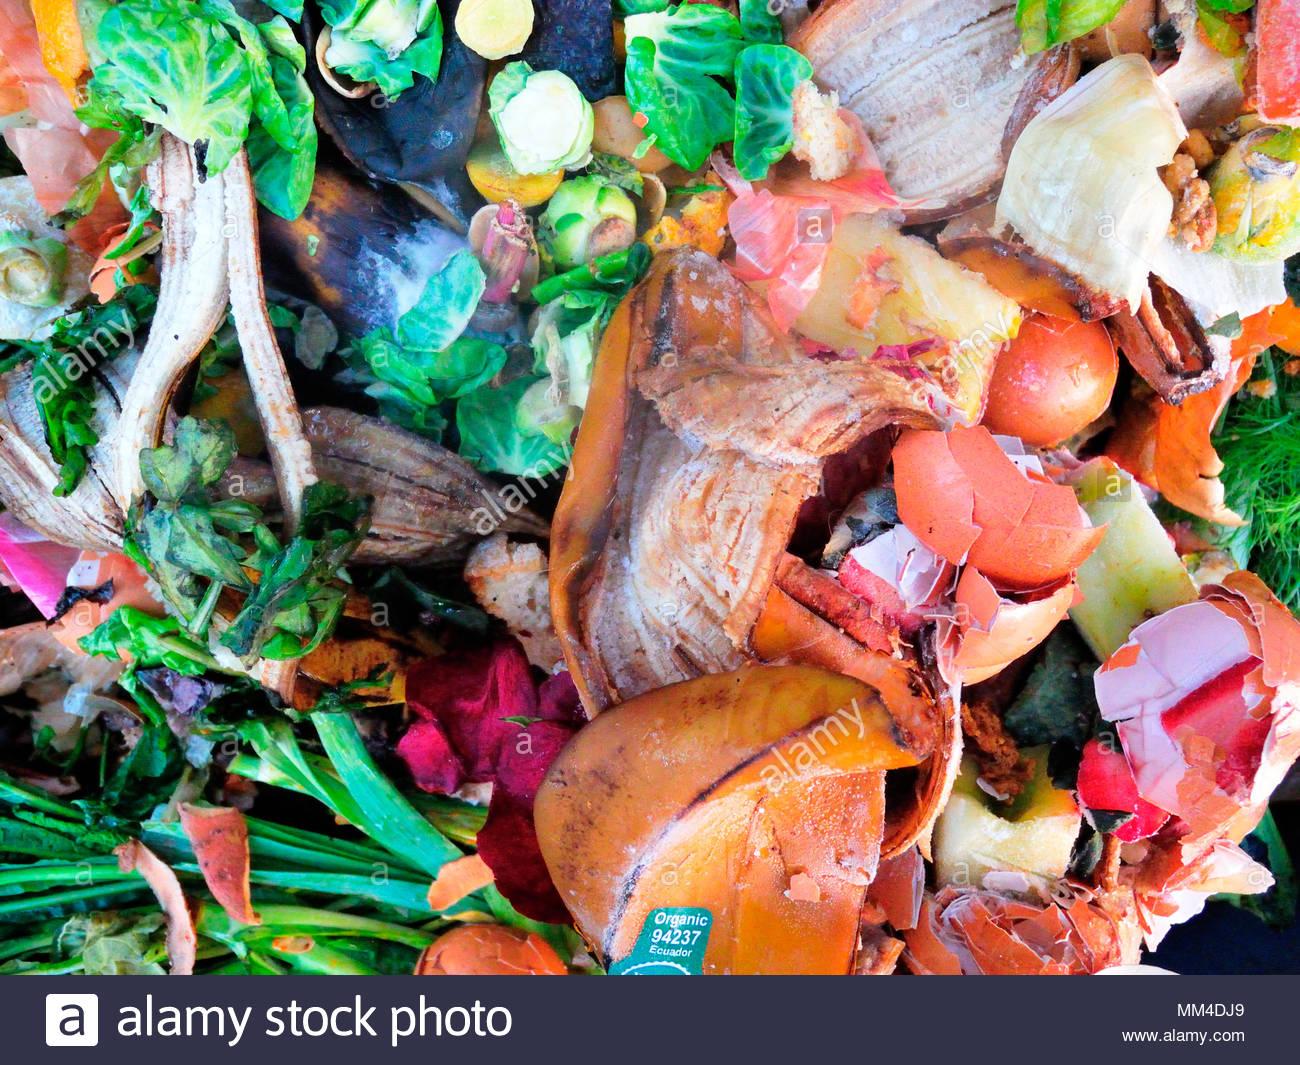 Perfecto Bin Cocina De Compost Cómo Utilizar Embellecimiento - Ideas ...